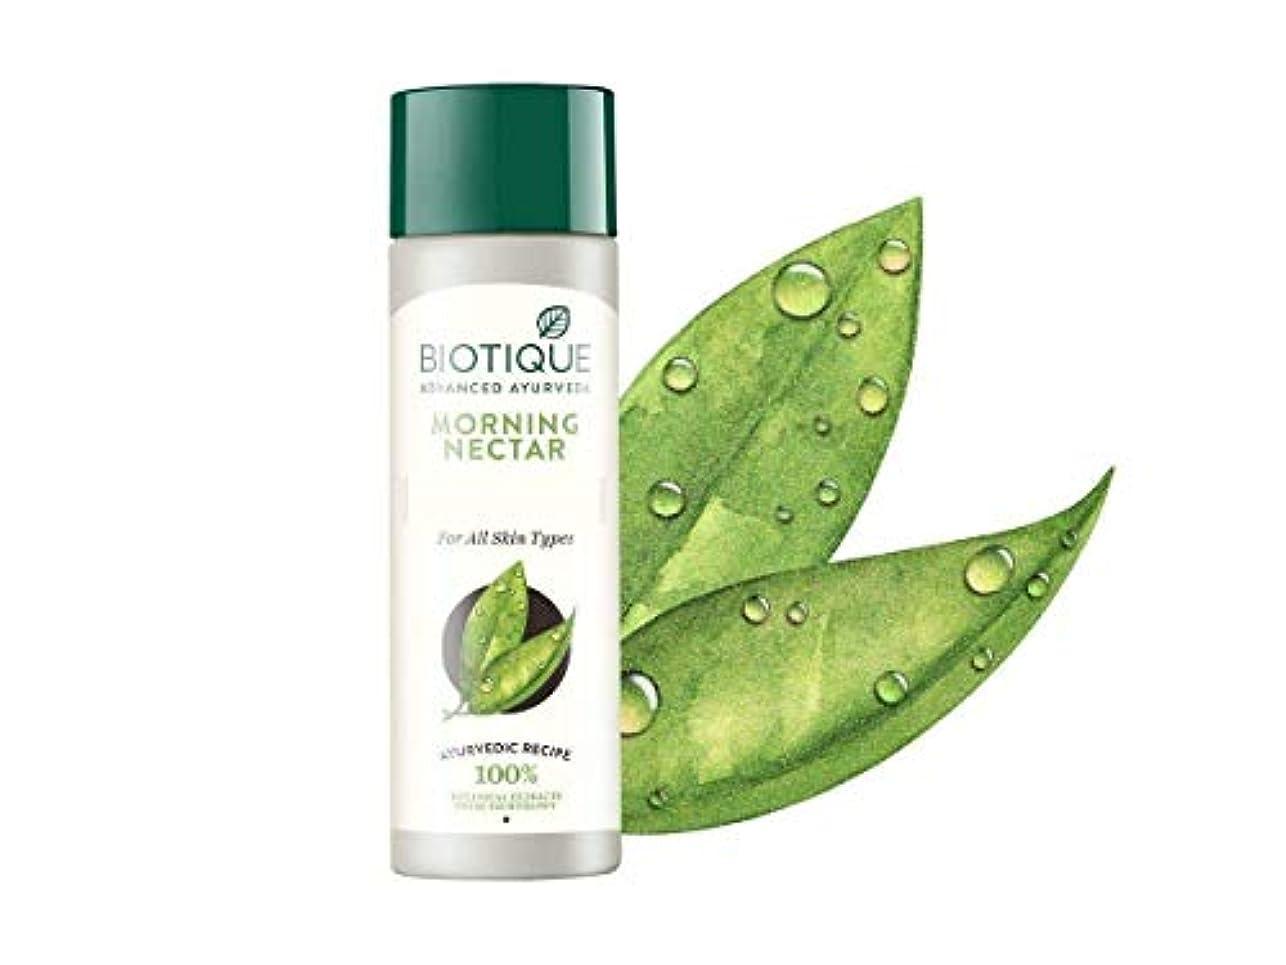 ペンス前にマキシムBiotique Bio Morning Nectar Sunscreen Ultra Soothing Face Lotion 120ml Biotiqueバイオモーニングネクター日焼け止めウルトラスージングフェイスローション